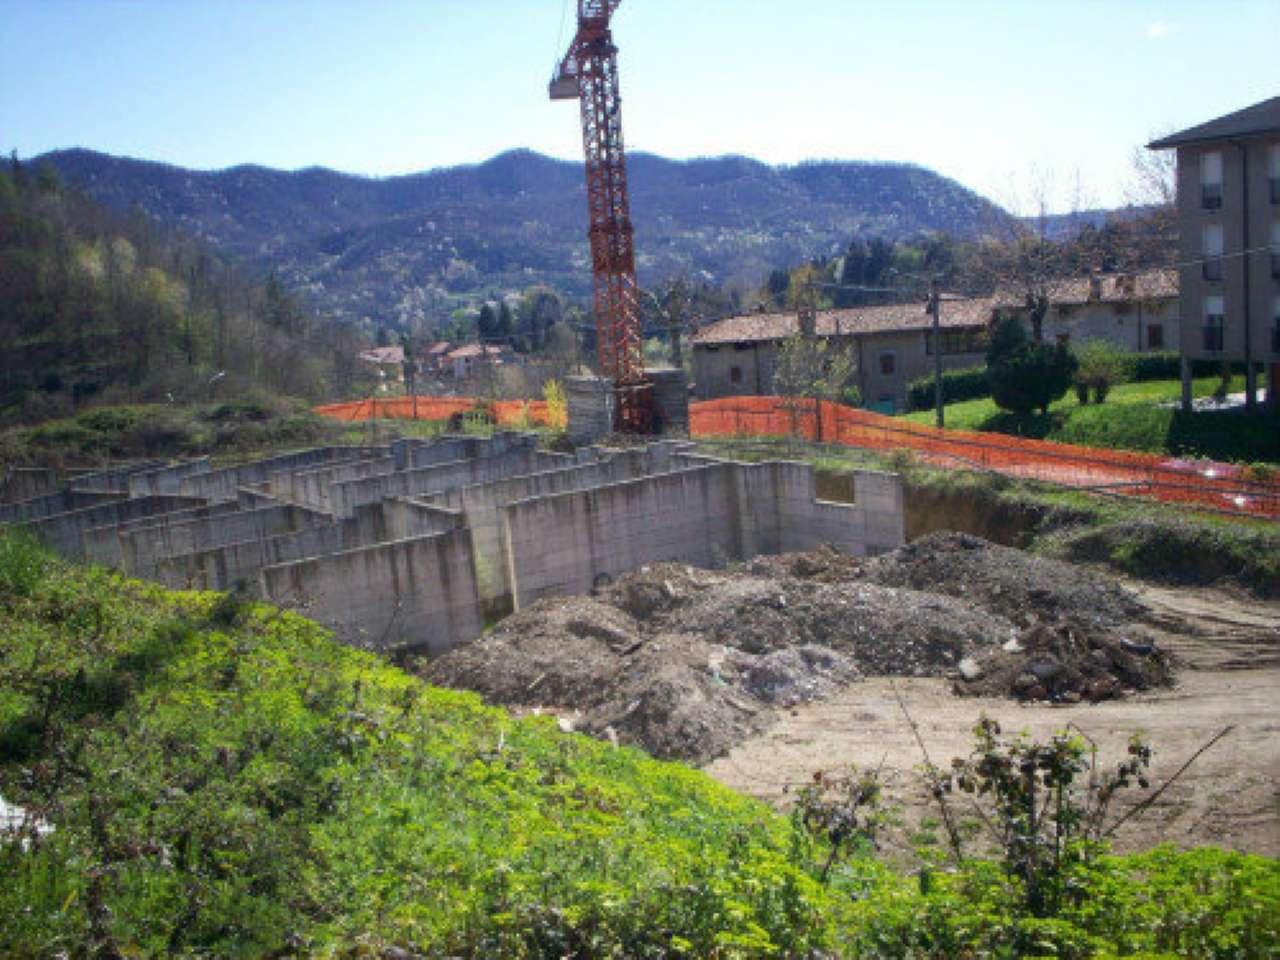 Terreno Edificabile Residenziale in vendita a Caprino Bergamasco, 9999 locali, prezzo € 450.000 | PortaleAgenzieImmobiliari.it